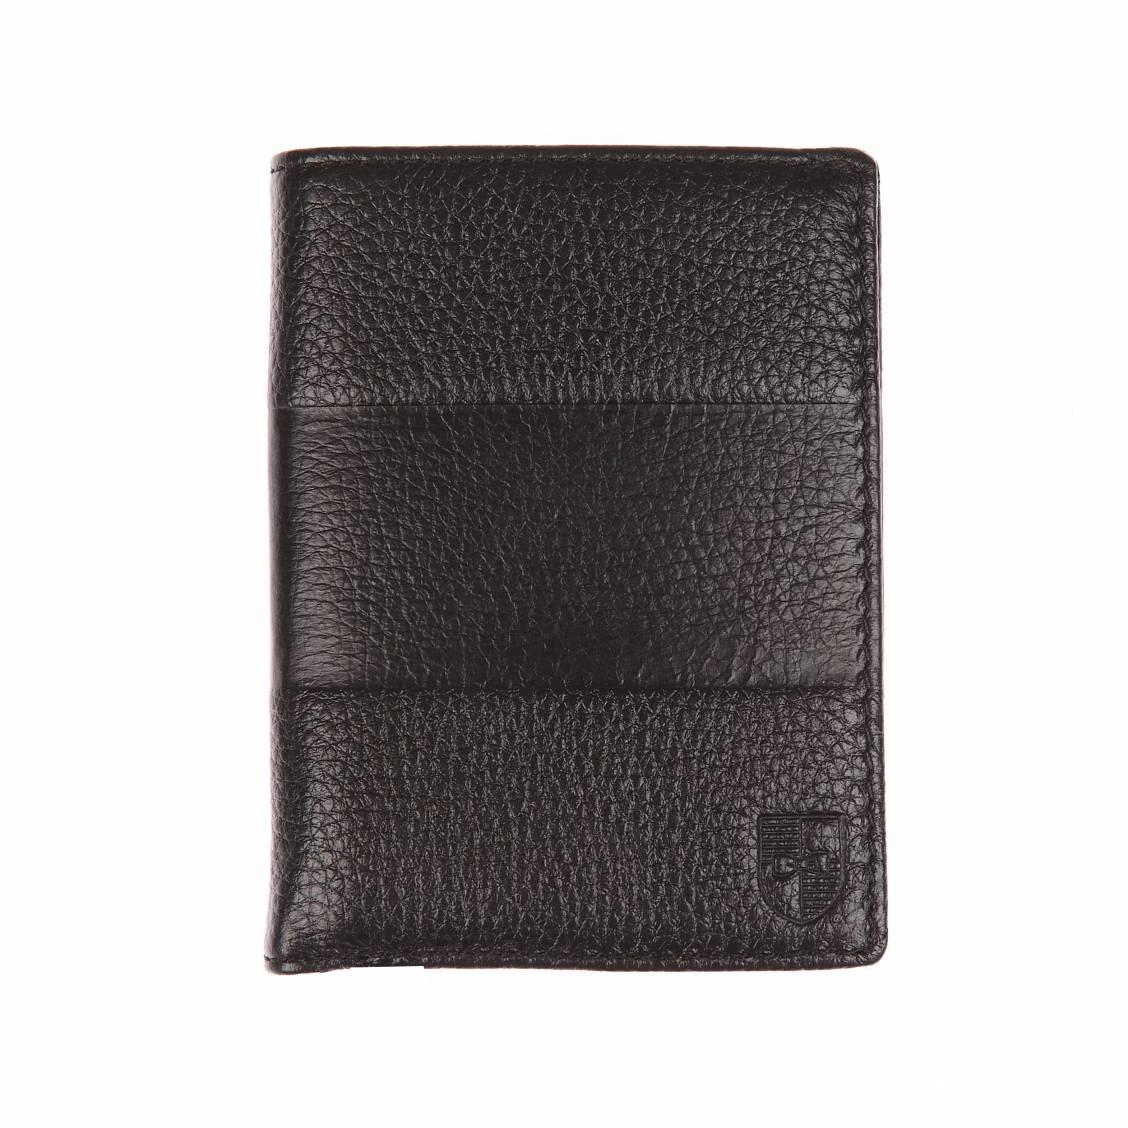 Portefeuille européen  en cuir noir à bande horizontale embossée